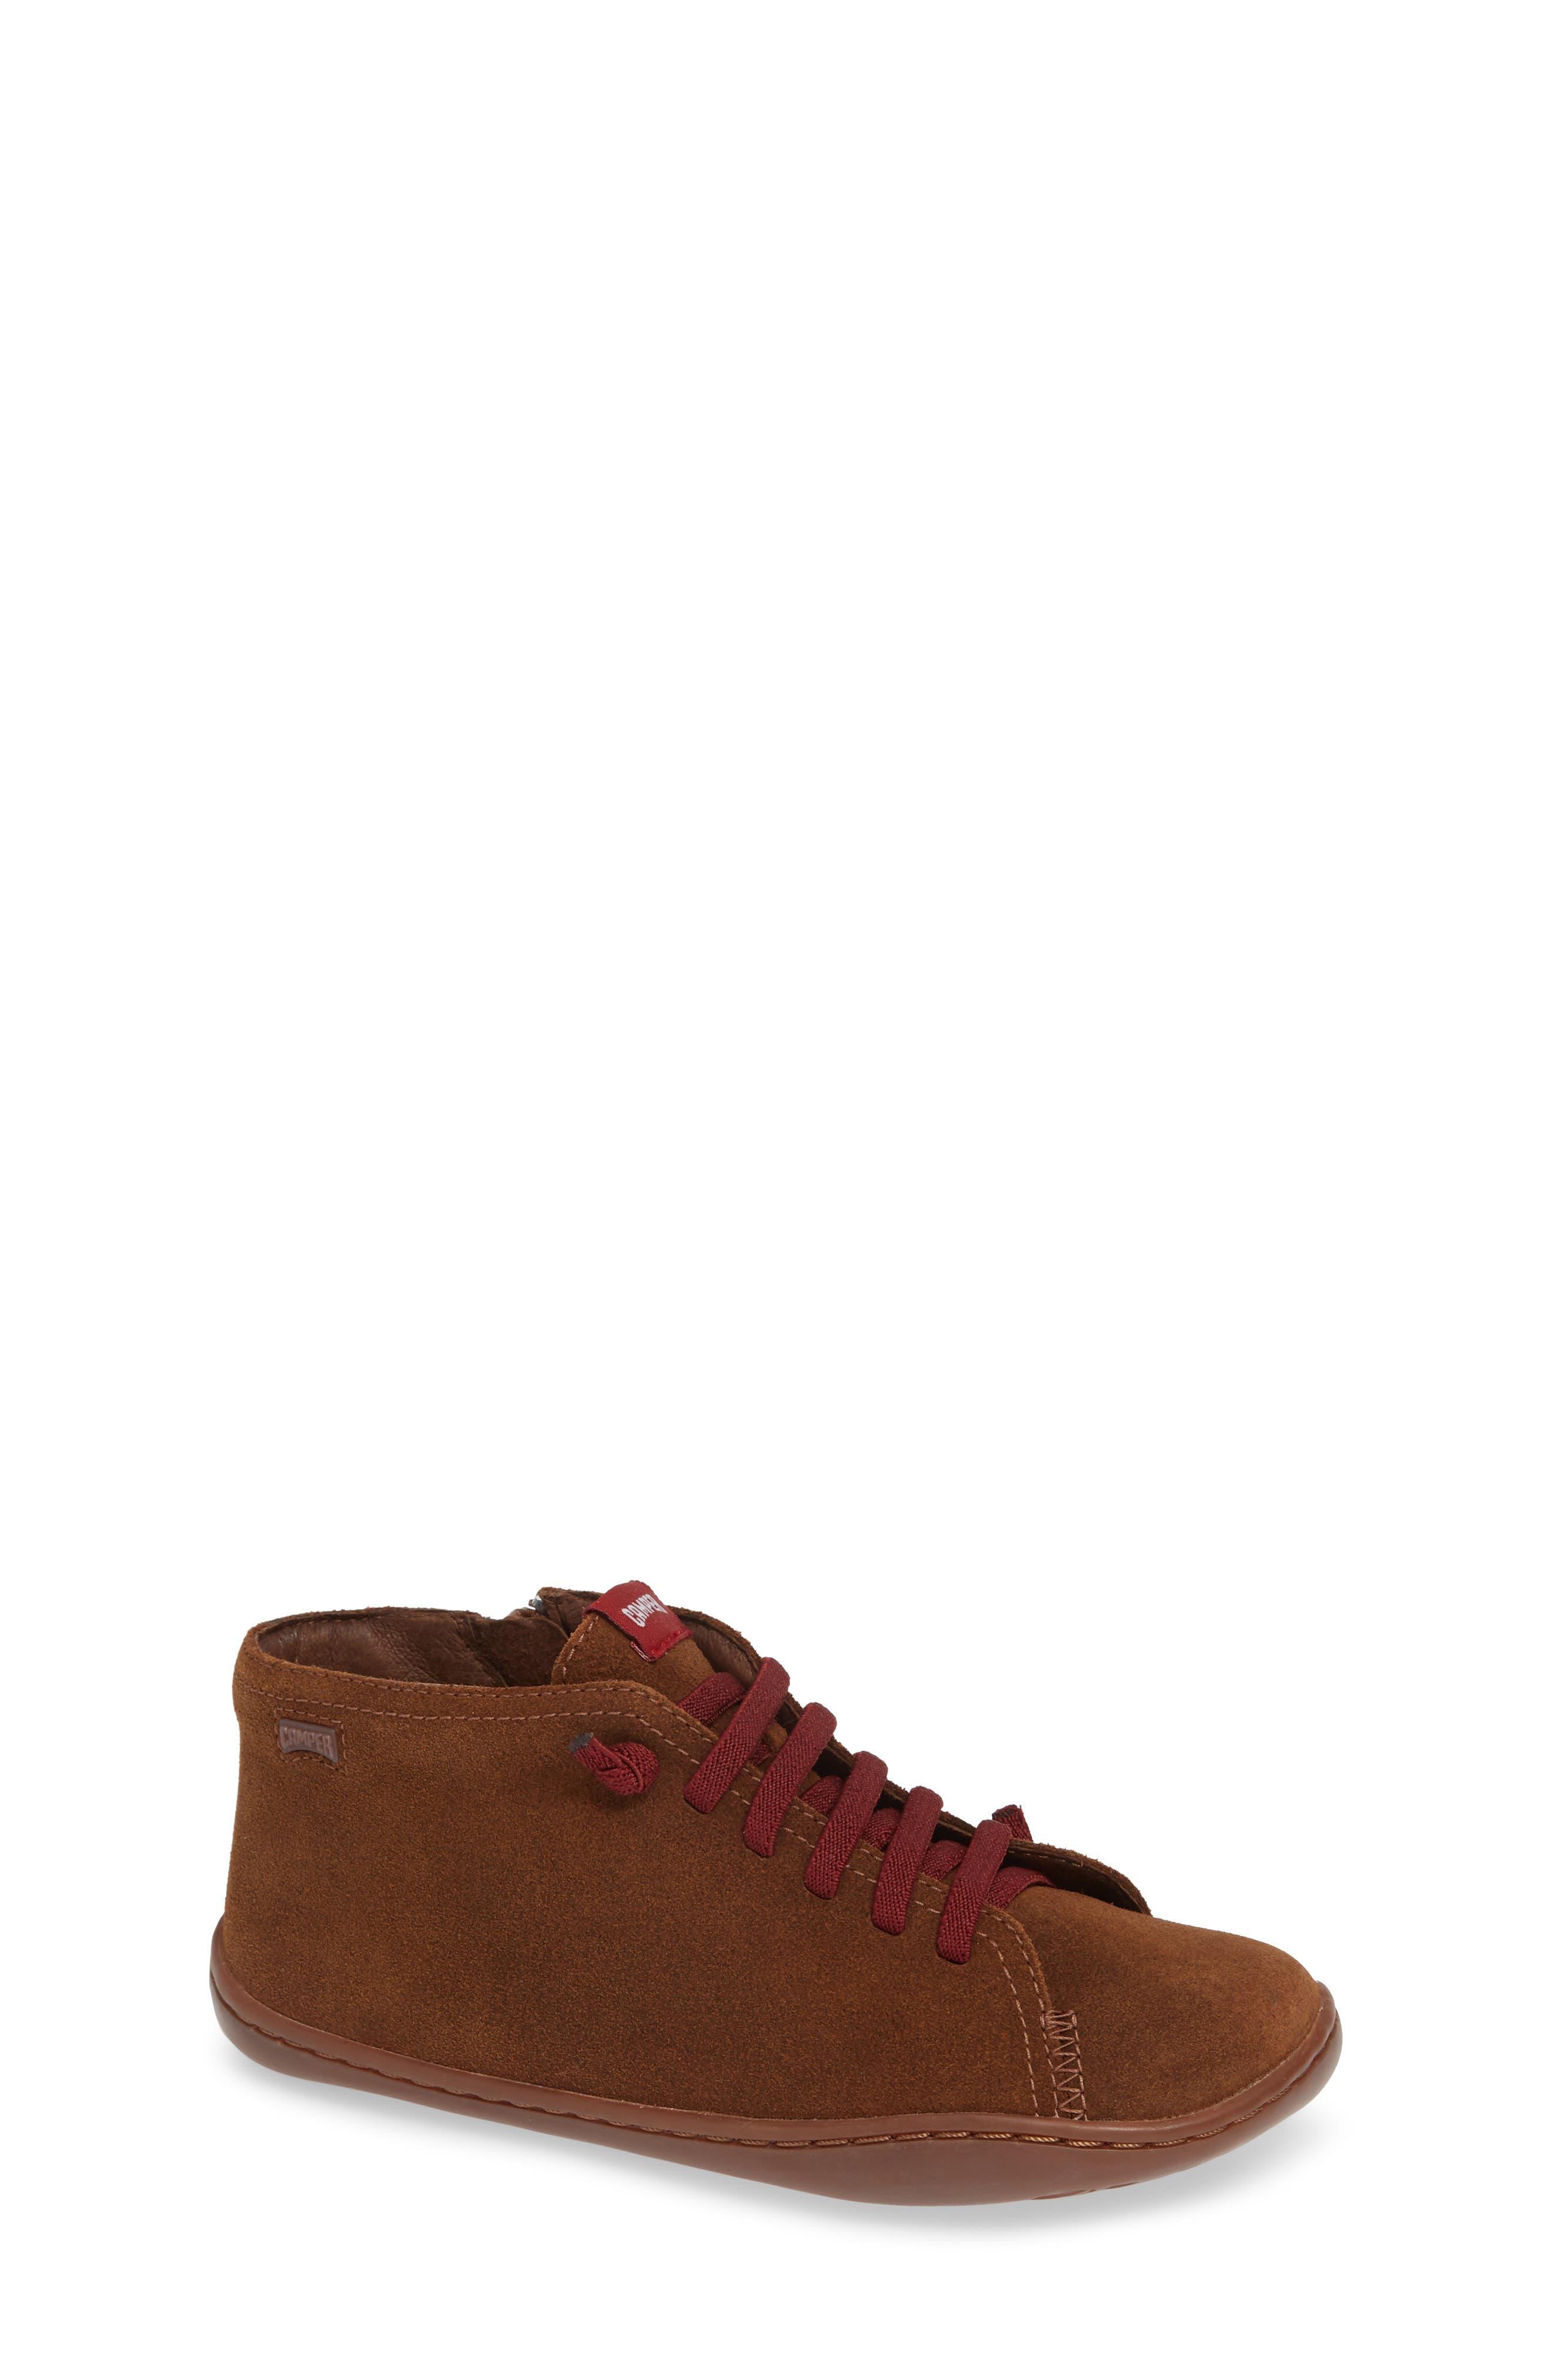 Peu Cami Sneaker, Main, color, MEDIUM BROWN